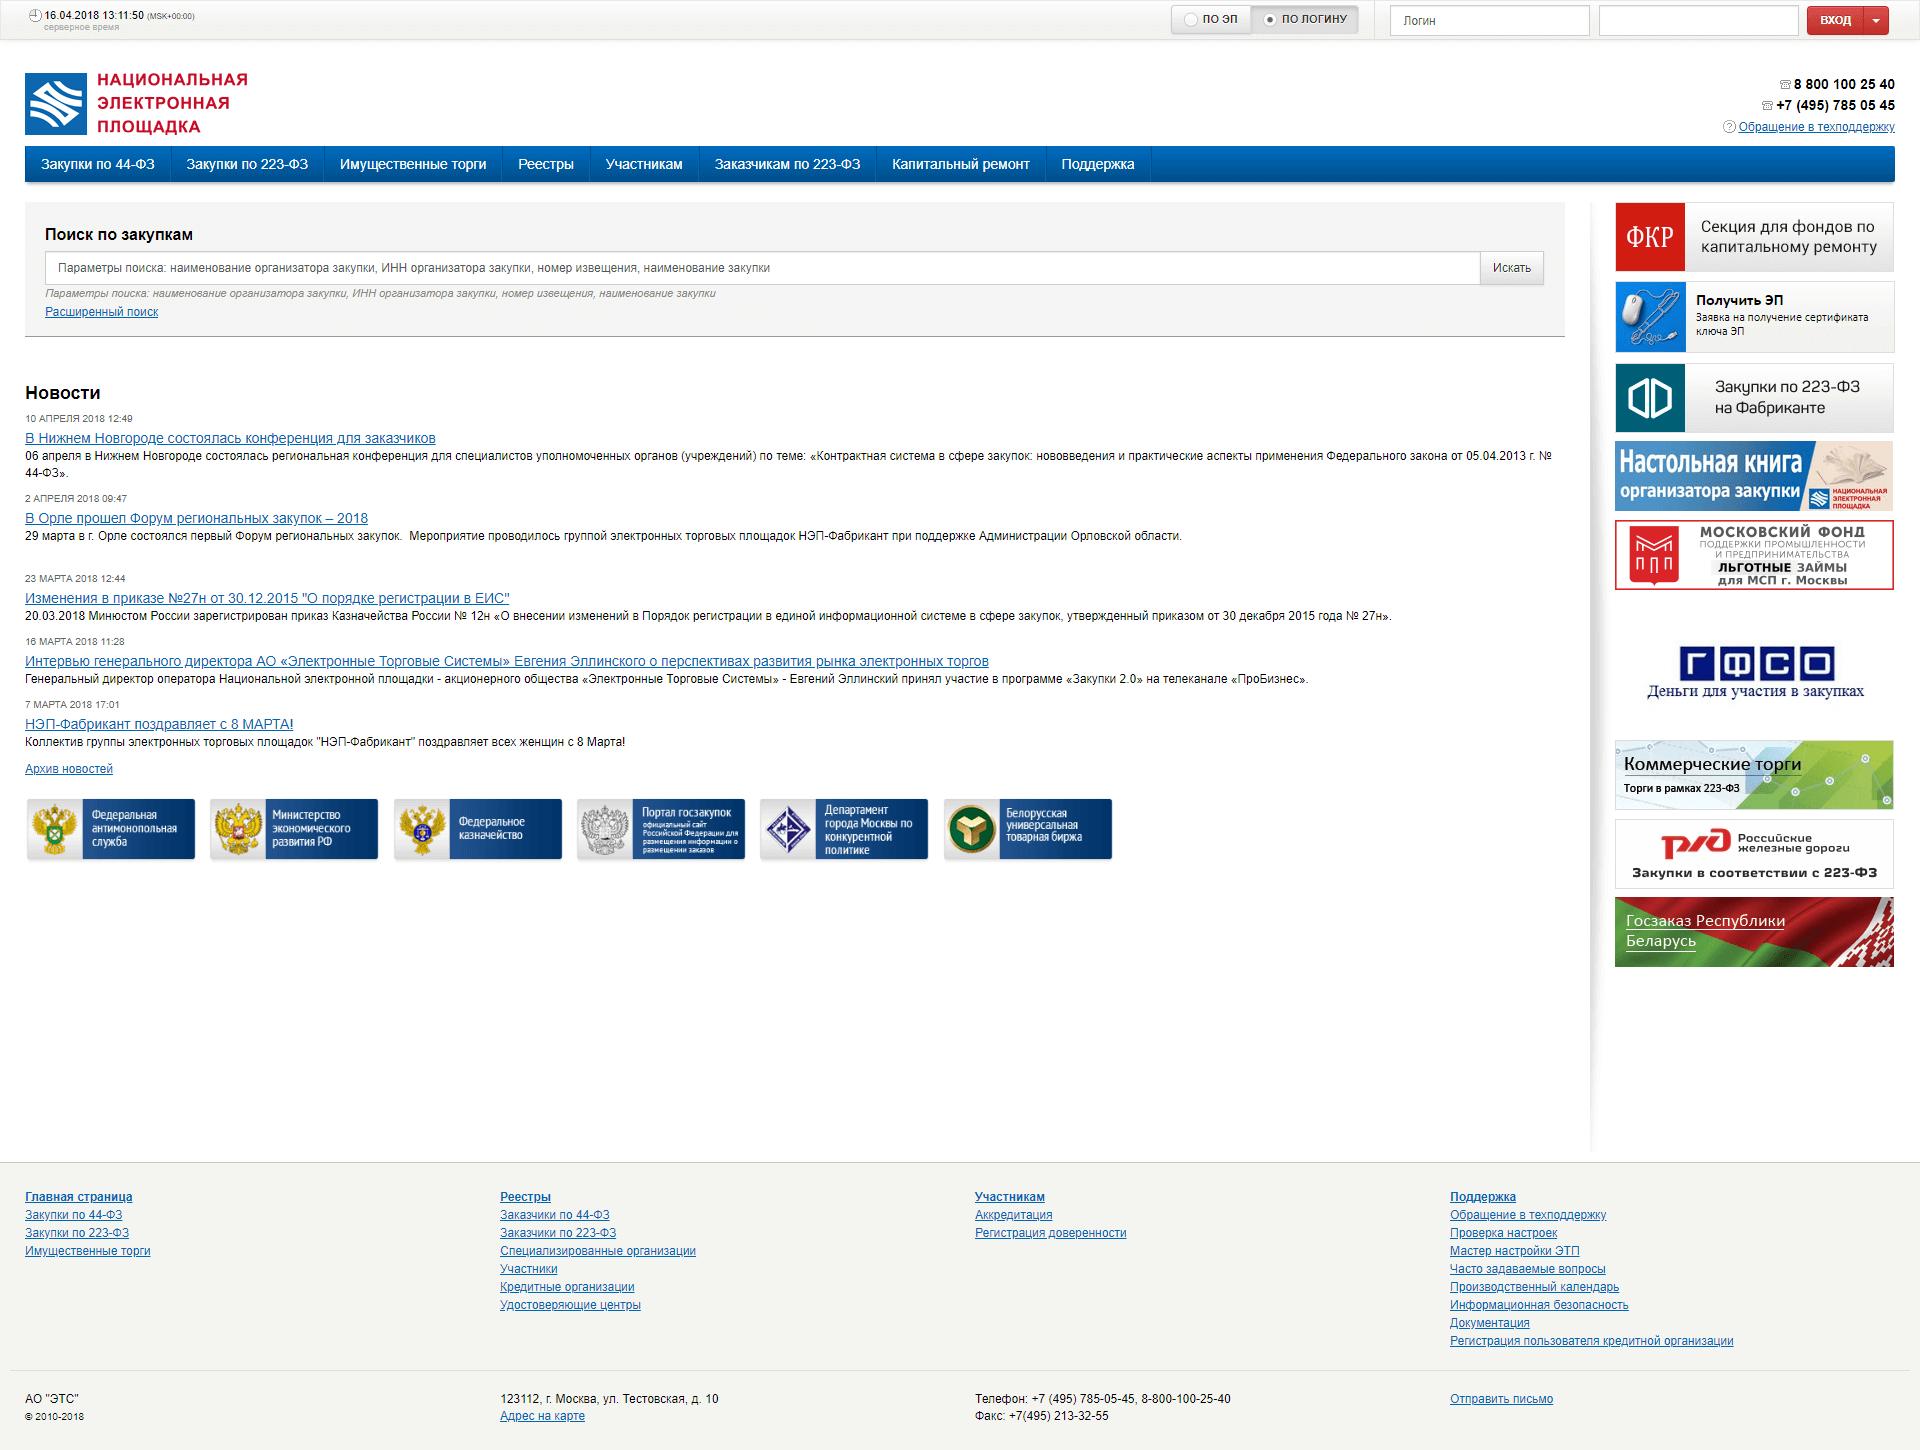 Национальная электронная площадка